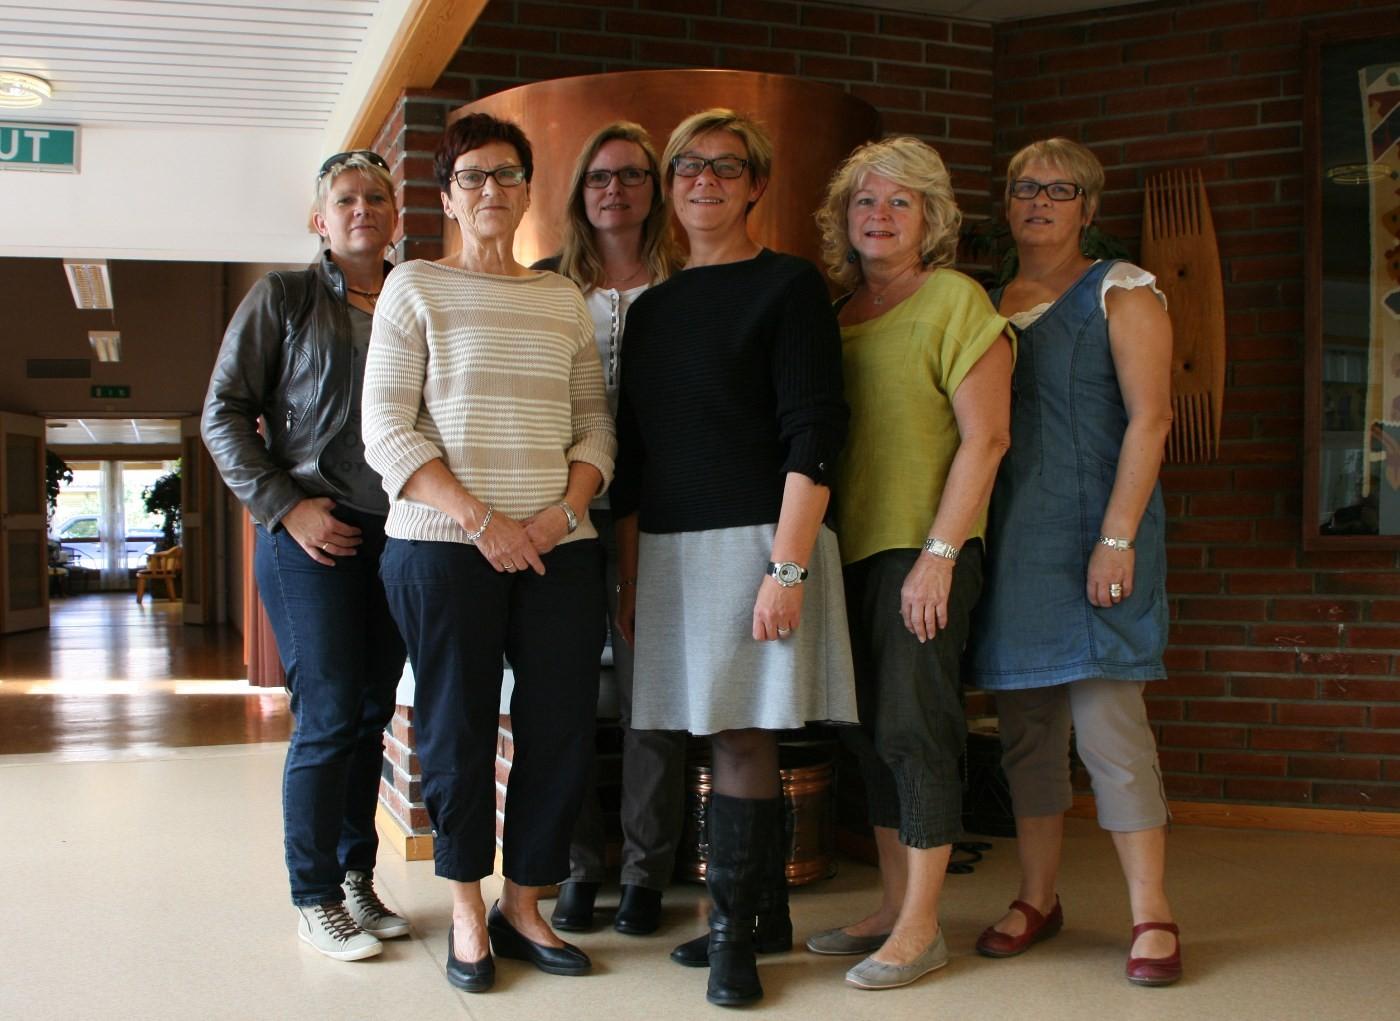 Arrangerer kurs for pårørende. Frå venstre Aud Helgetun, Ingrid Løfald, Gunnhild Eidsli, Ann Kristin Tørset, Liv Botten og Marit Foss.  Foto: Trollheimsporten